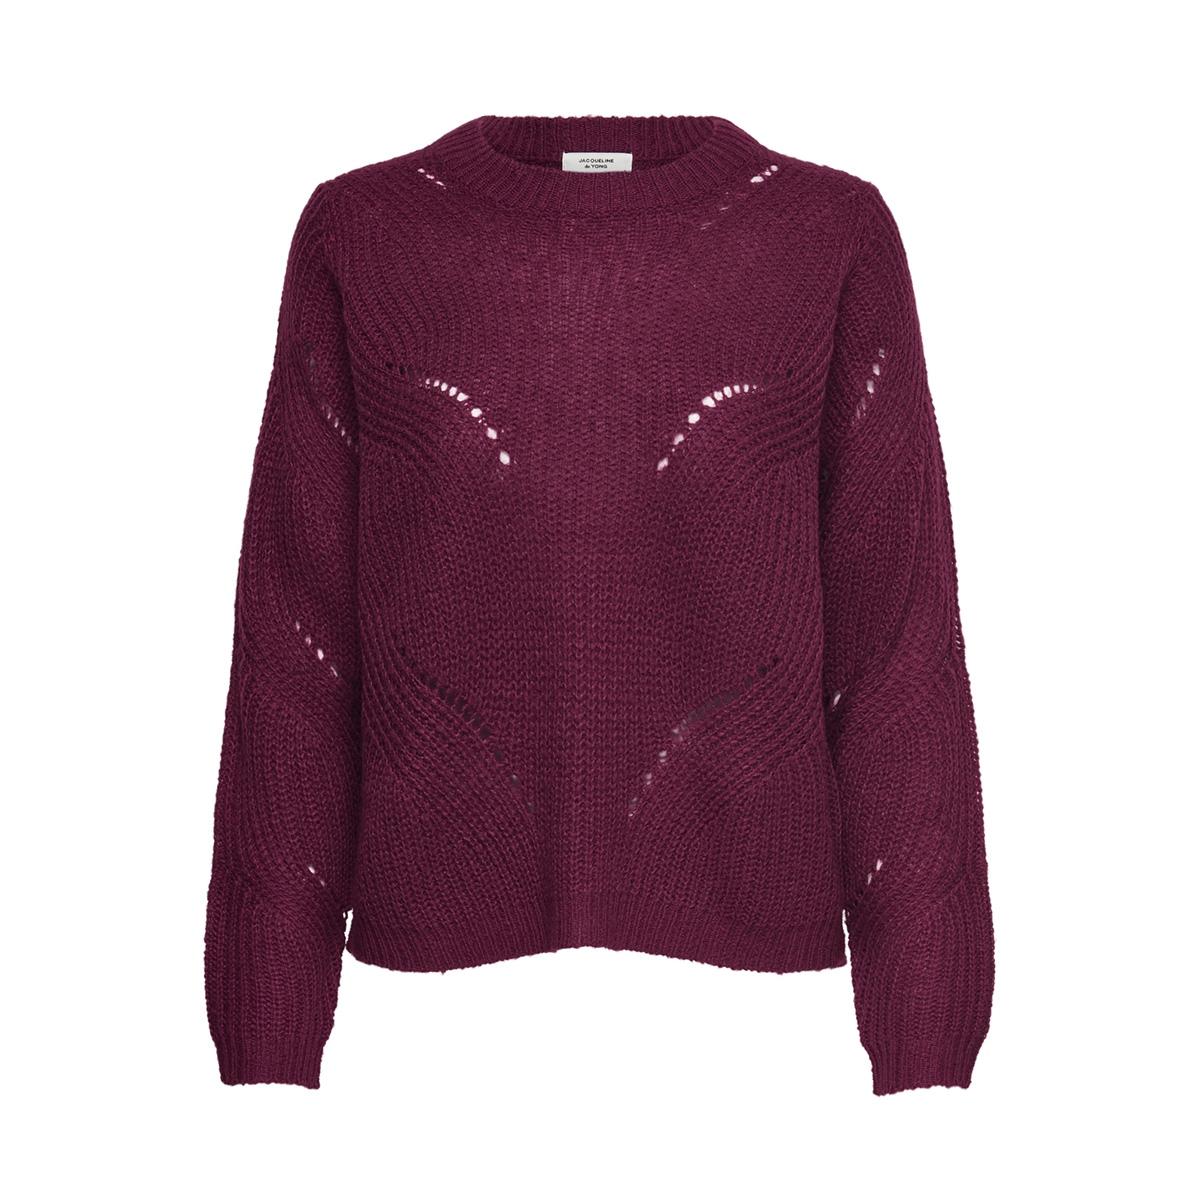 jdydaisy l/s structure pullover knt 15161131 jacqueline de yong trui red plum